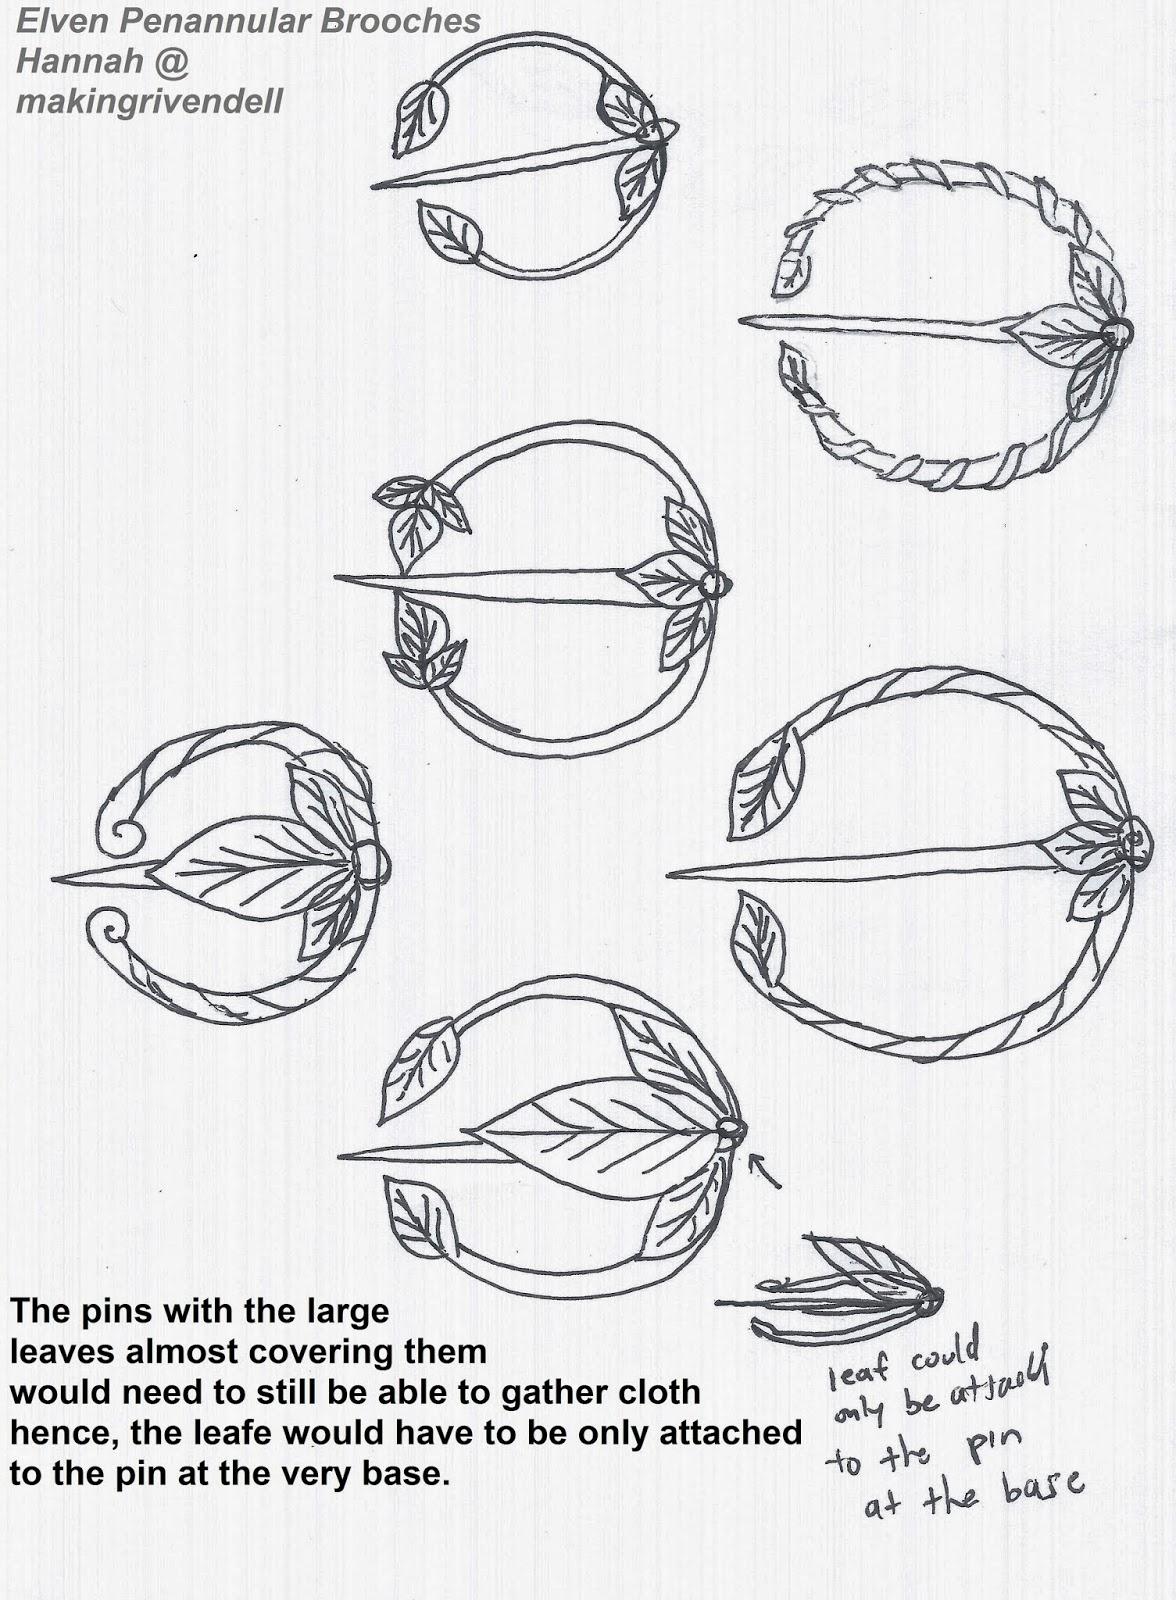 Making rivendell in the desert elven penannular brooches designs